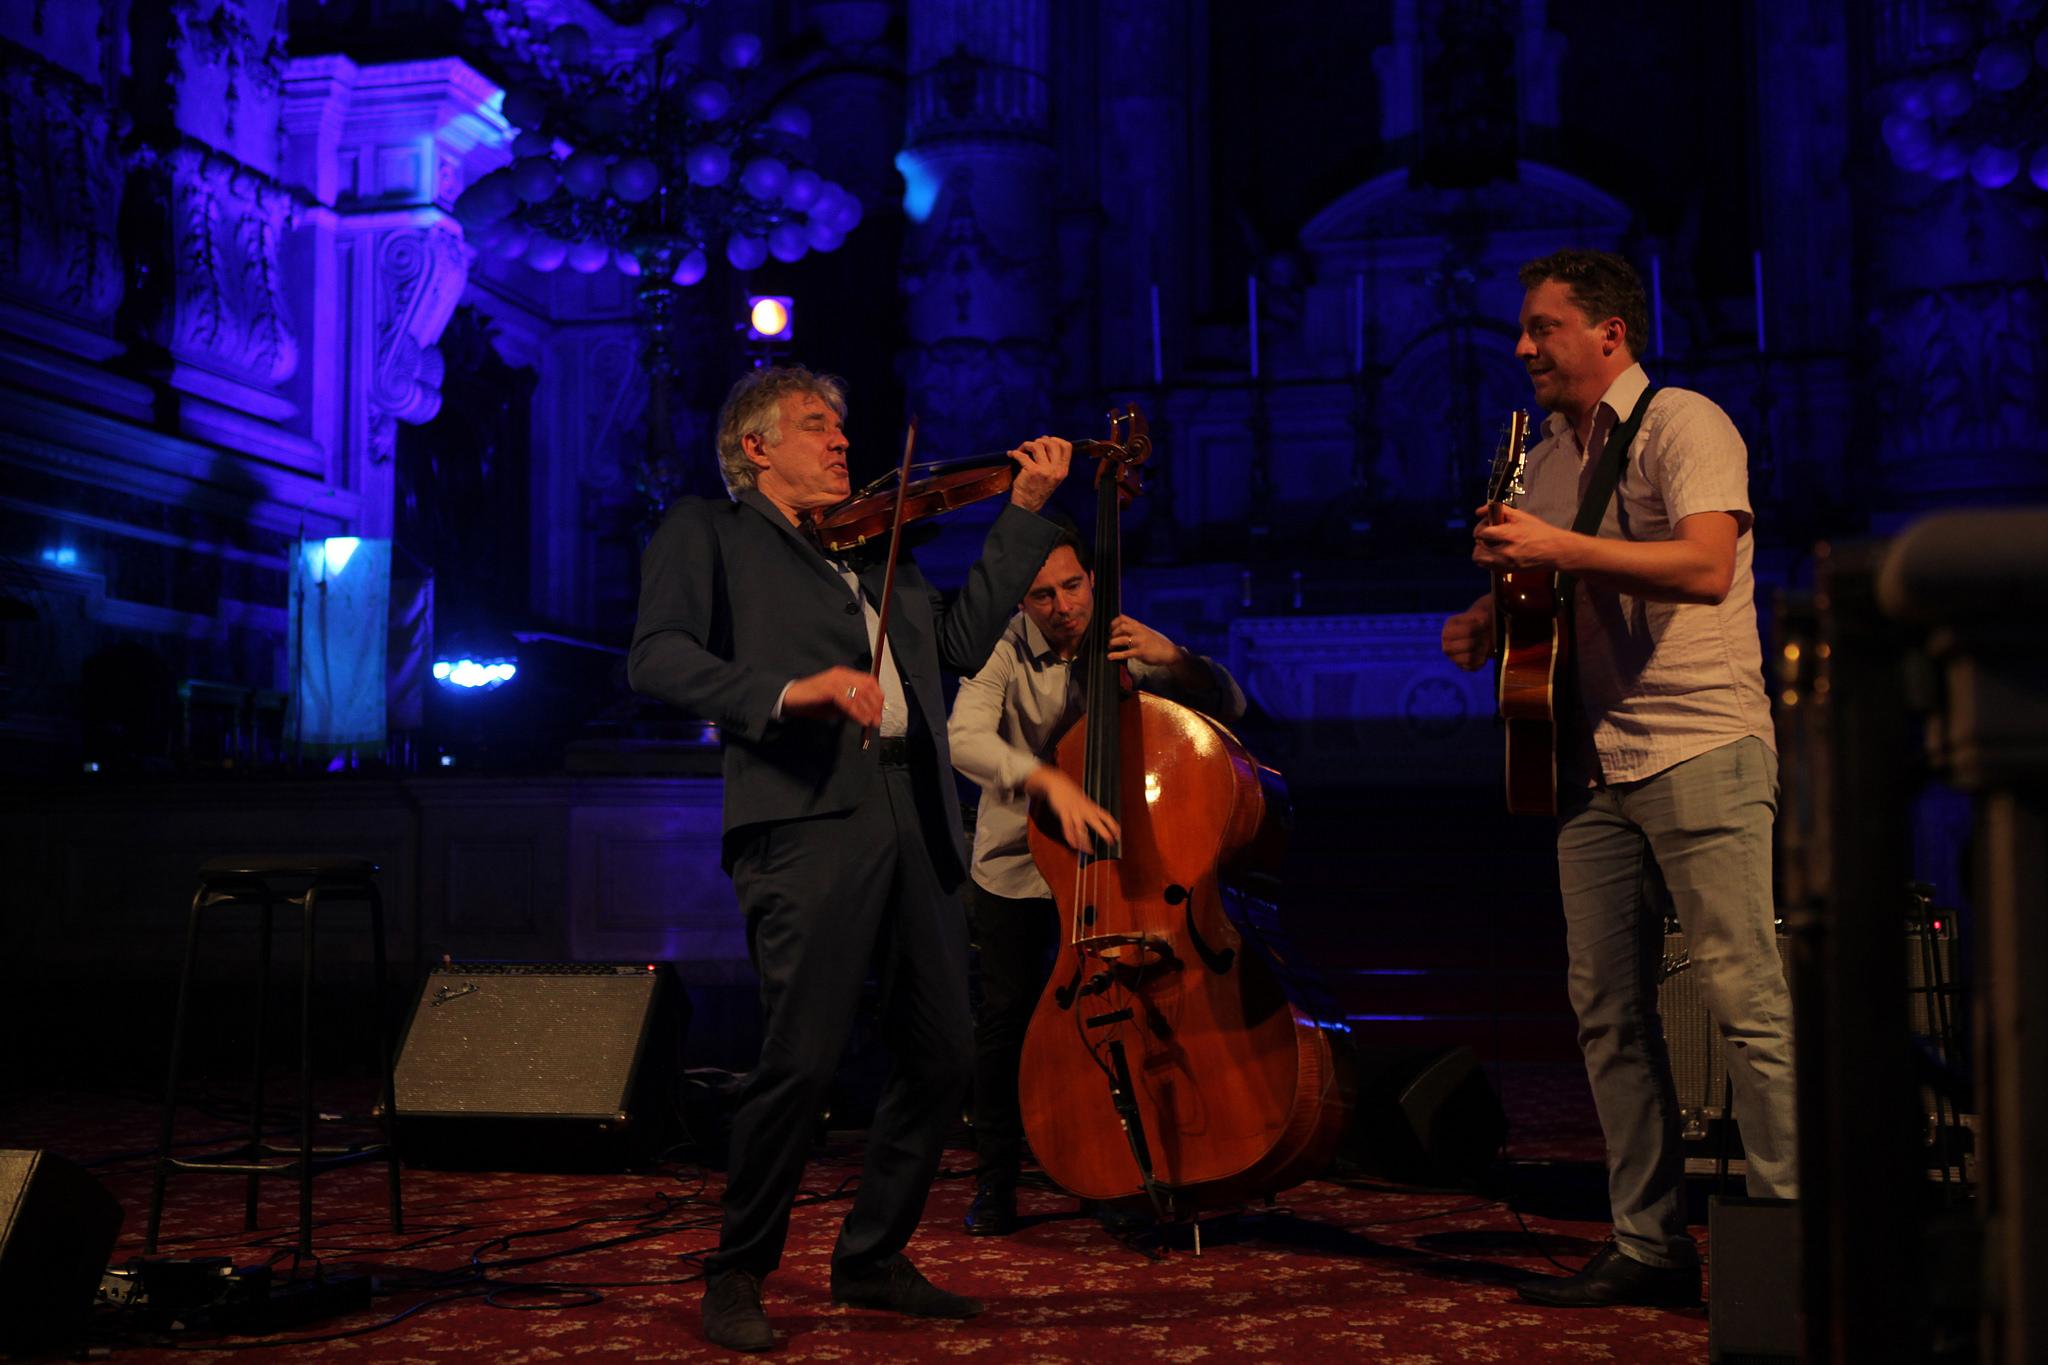 Didier Lockwood Trio at Igreja da Candalaria, Rio